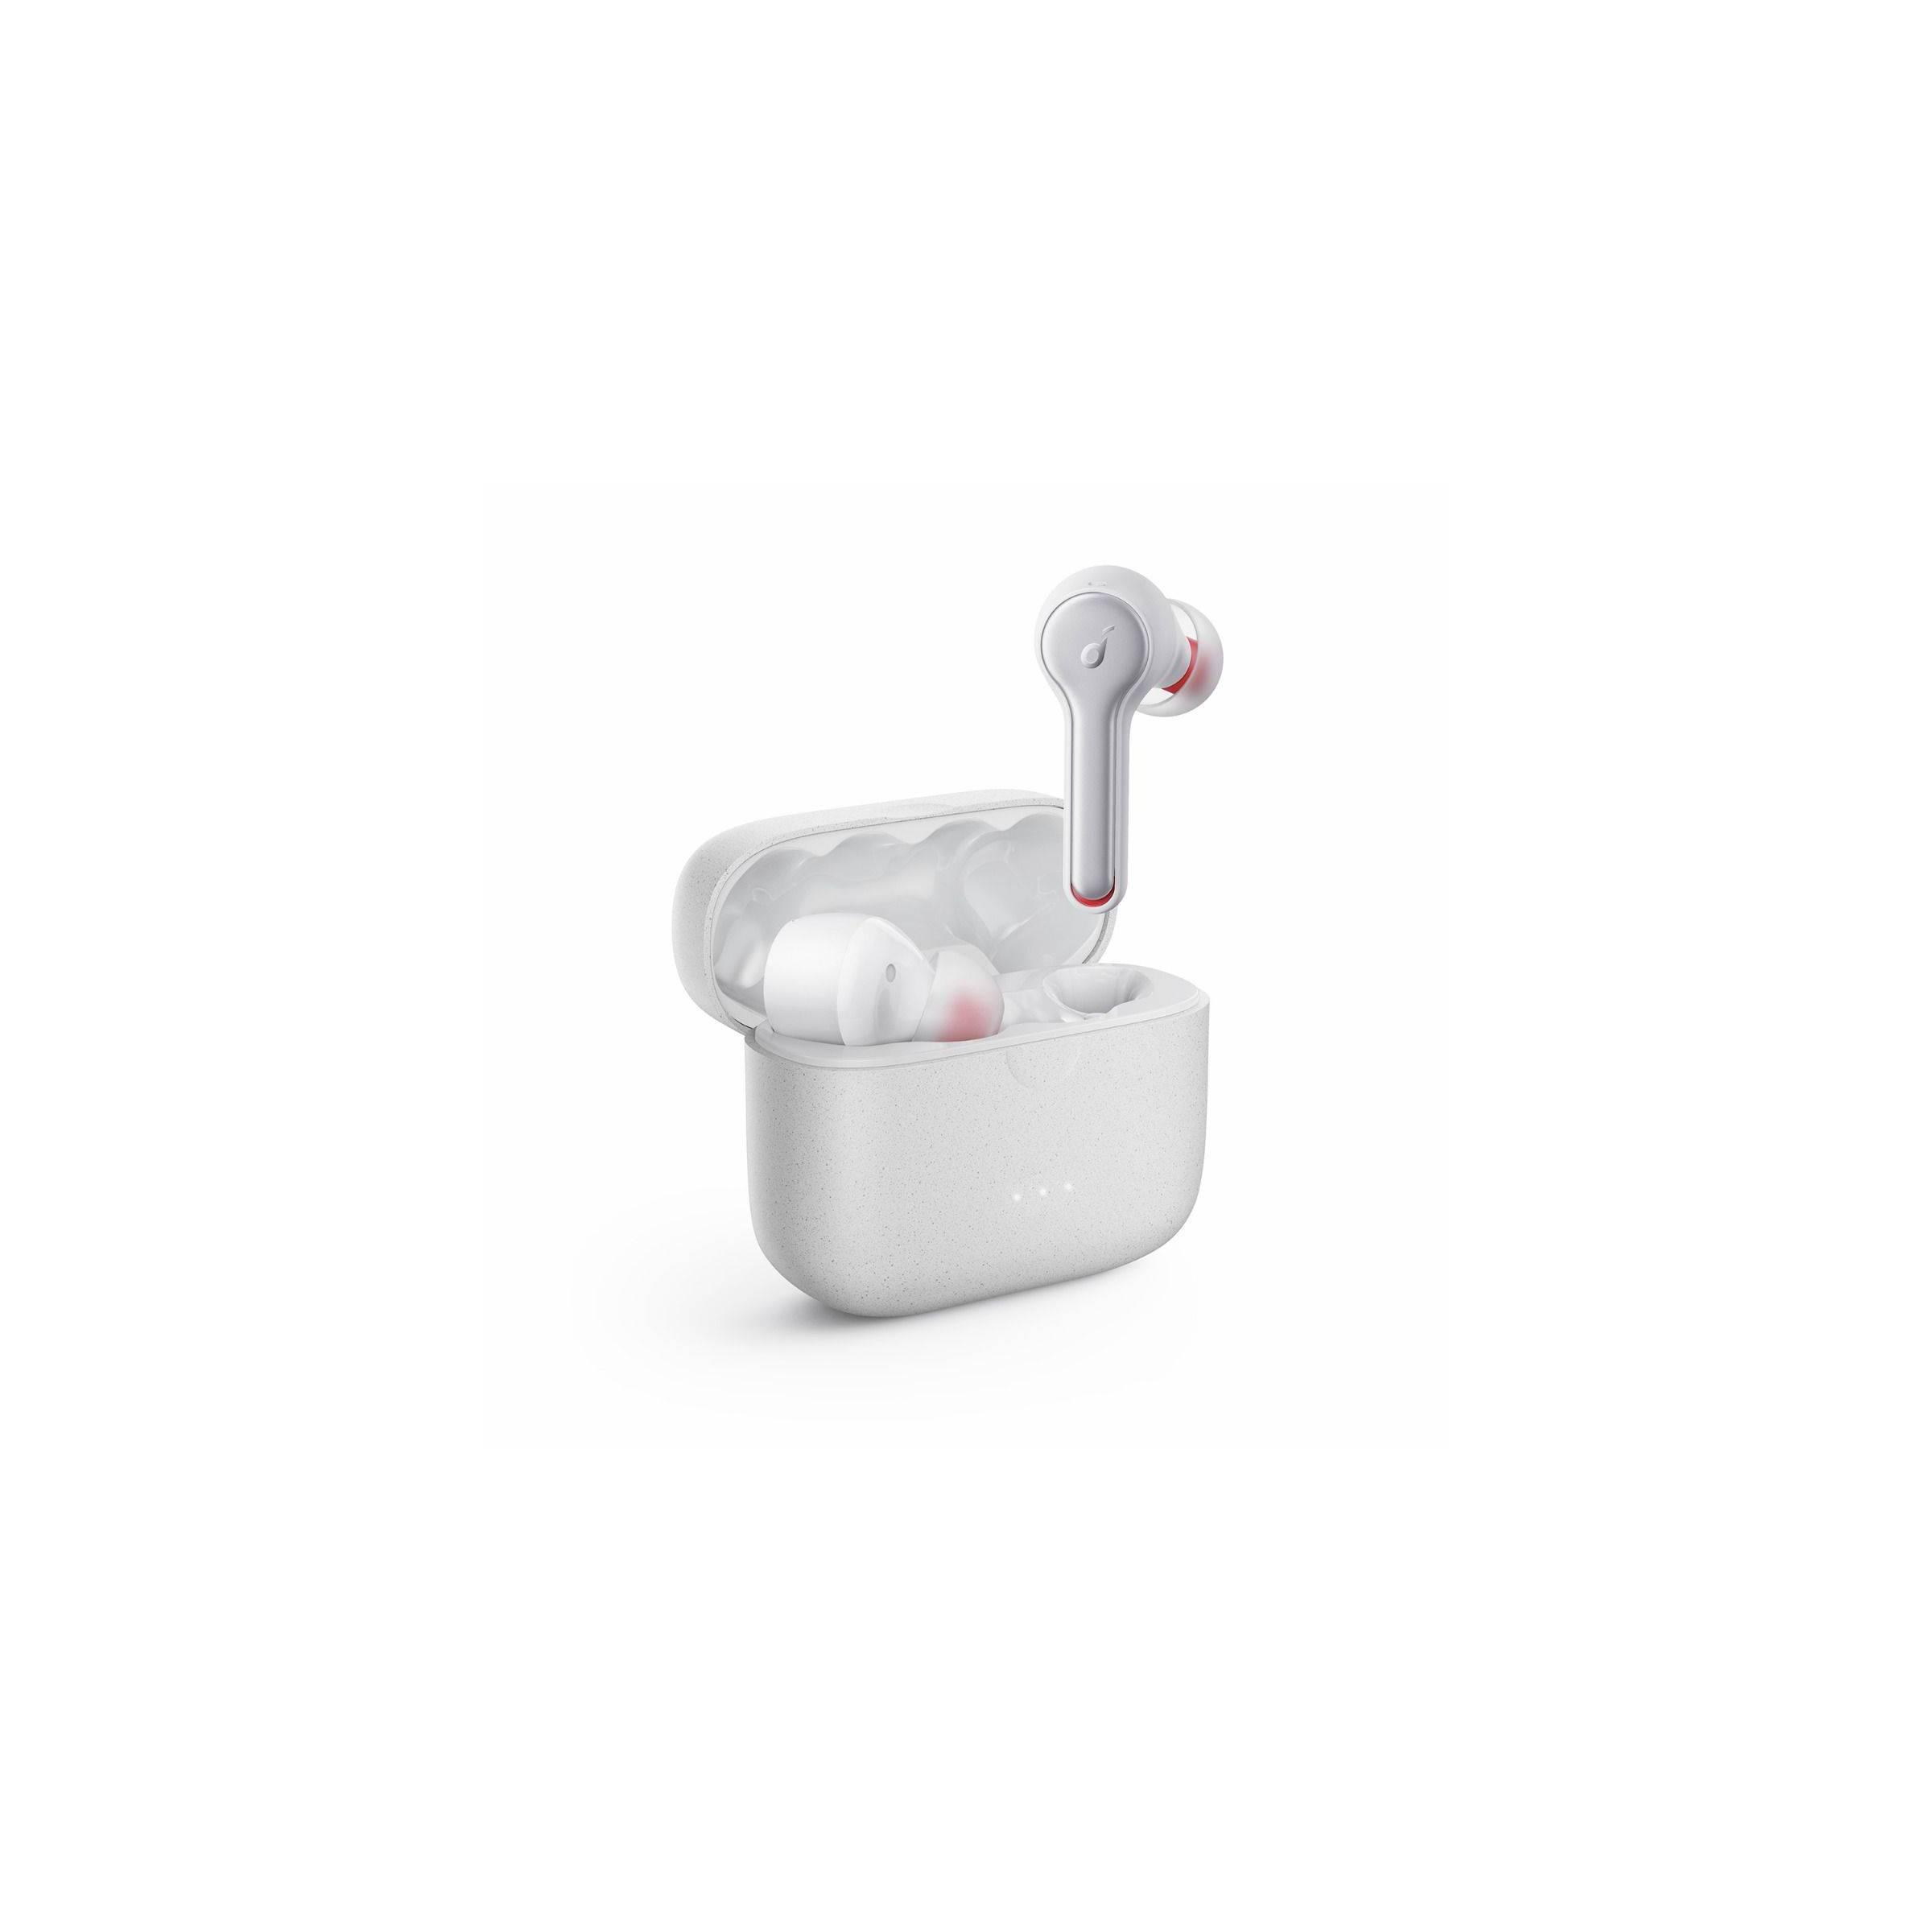 Anker soundcore liberty air 2 hvid/sort true wireless headset til iphone osv farve hvid fra anker på mackabler.dk